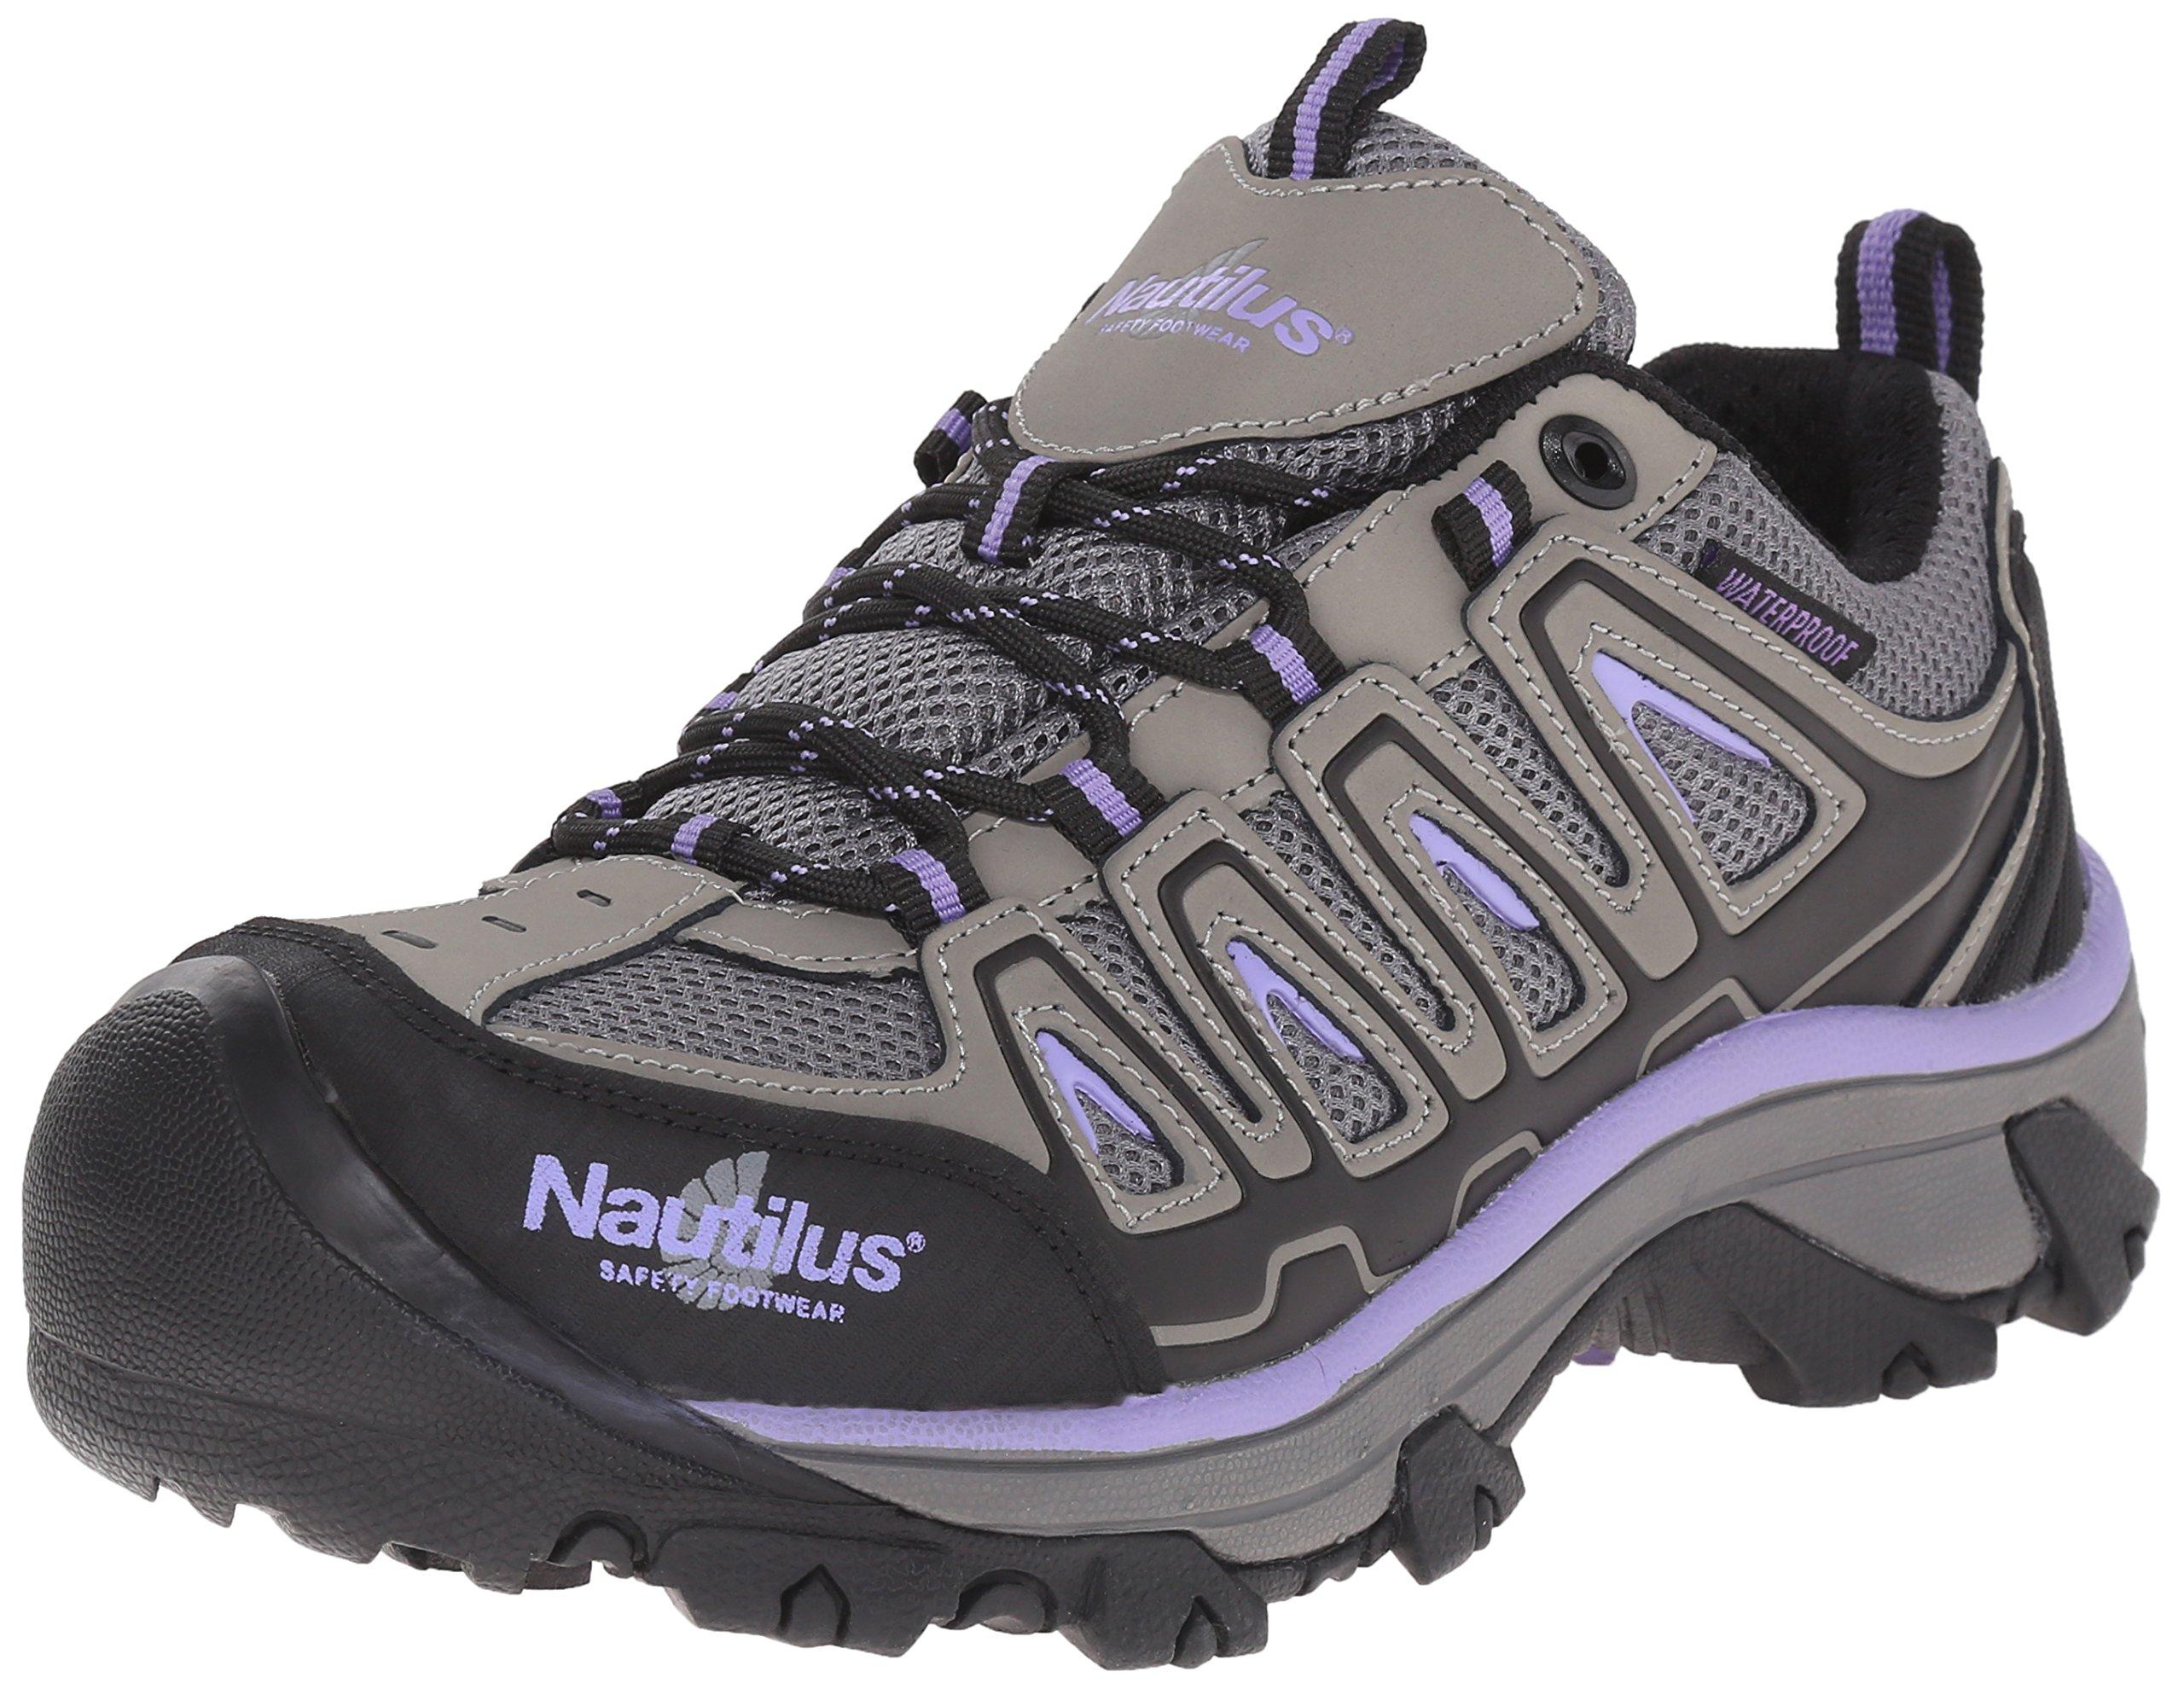 Nautilus Safety Footwear Women's 2258 Work Shoe, Grey, 6.5 M US